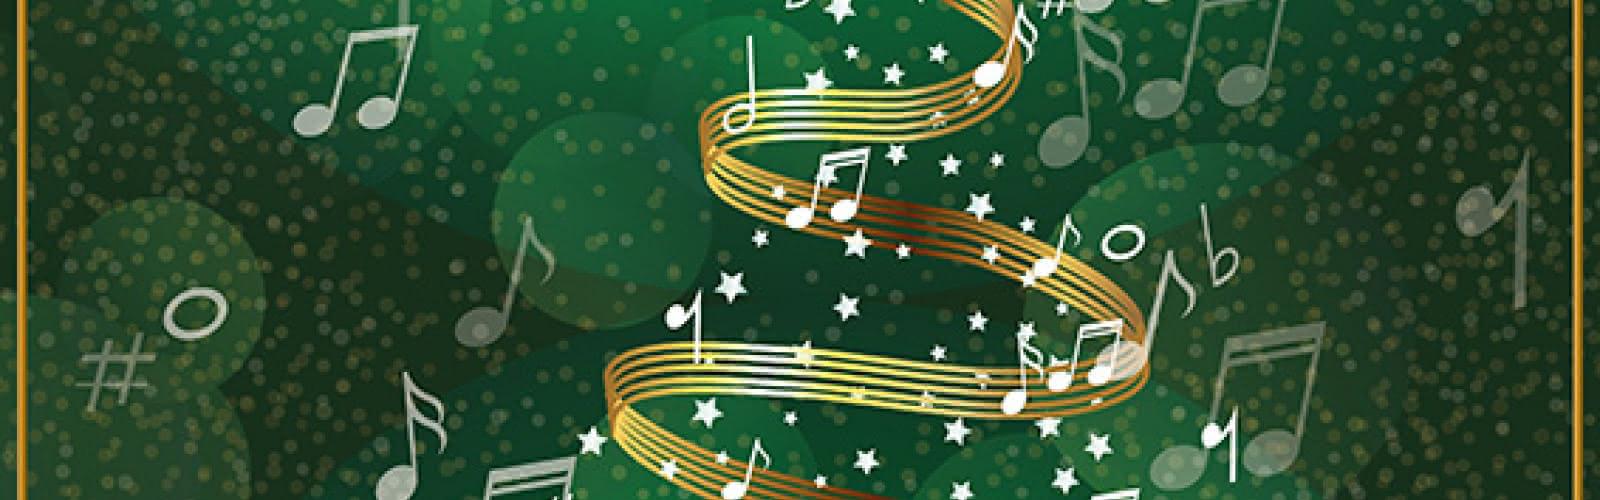 Concert de Noël à l'Orangerie